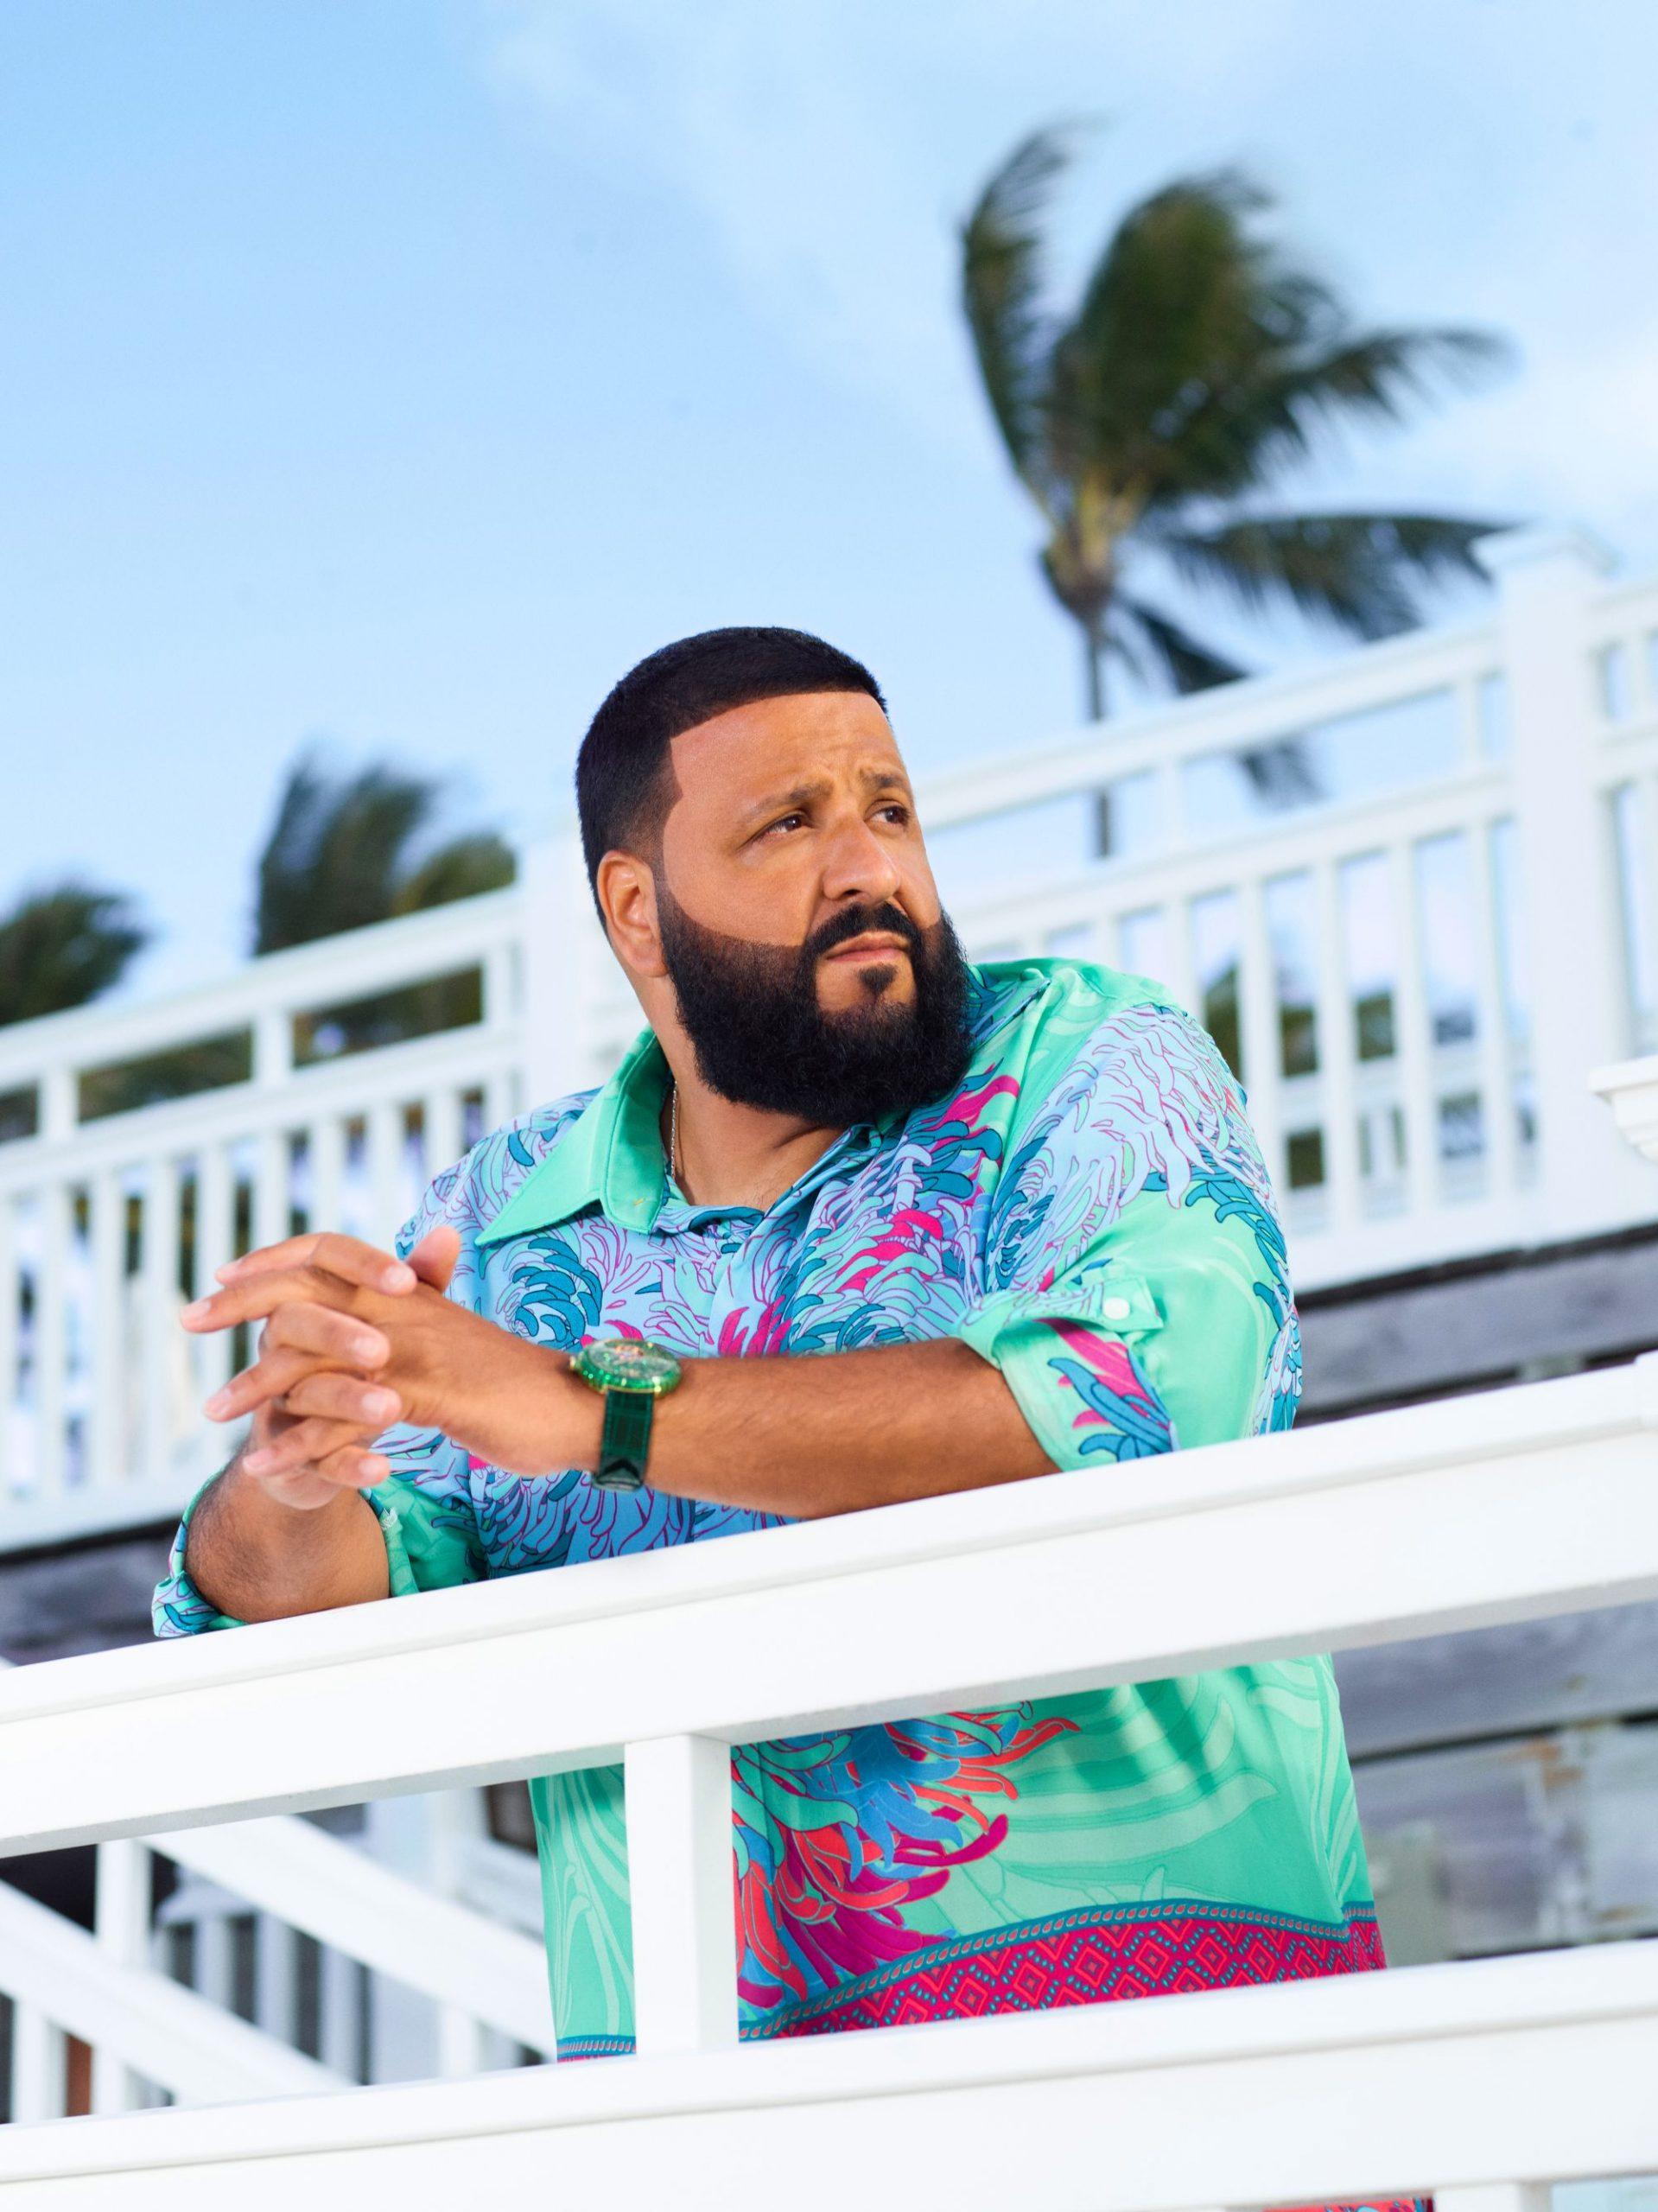 DJ Khaled няма никакво намерение да слиза от челните позиции 27